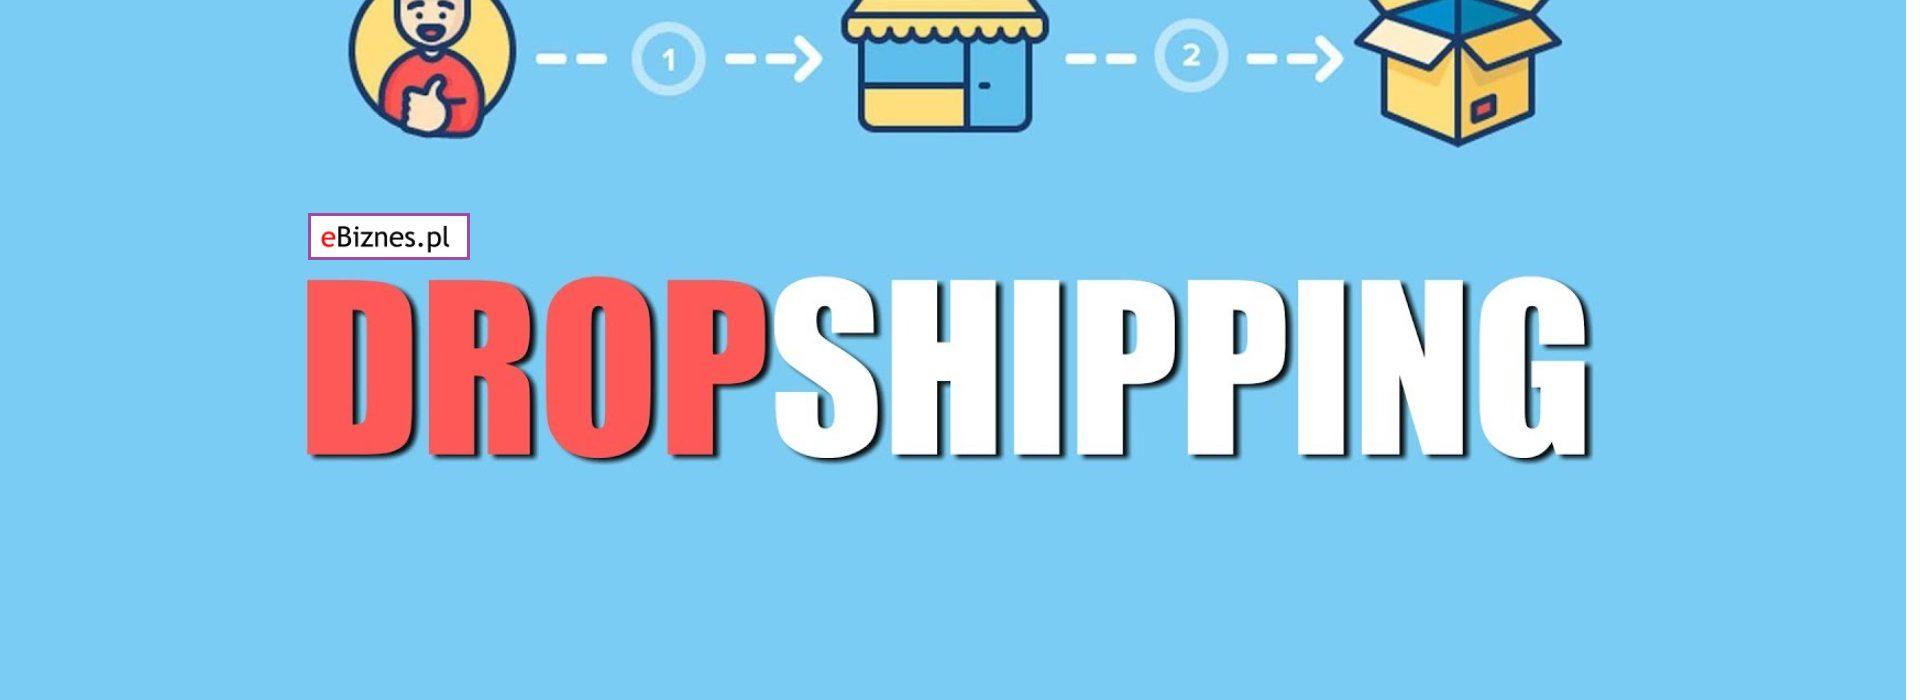 Co to jest Dropshipping, na czym polega Dropshipping w Sklepie Internetowym, czy to się opłaca?